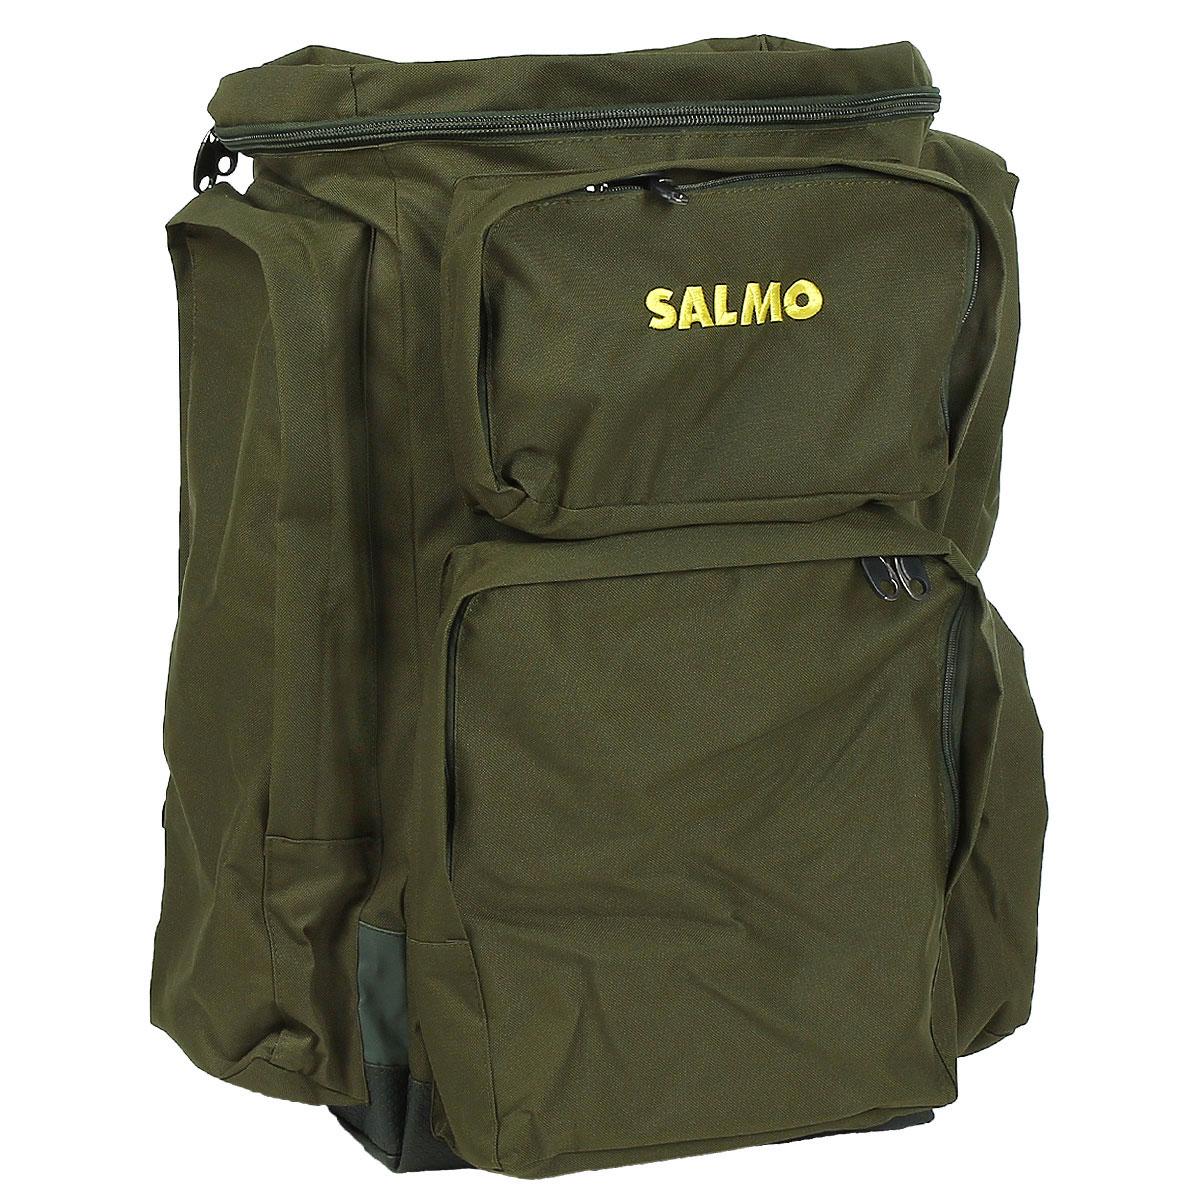 Рюкзак рыболовный Salmo 105 л, цвет: зеленыйH-4501Рюкзак Salmo специально создан для рыболовного туризма. Он имеет отделение для вещей на 105 литров, жесткую спинку, мягкие удобные регулируемые лямки и усиленное дно с опорами.